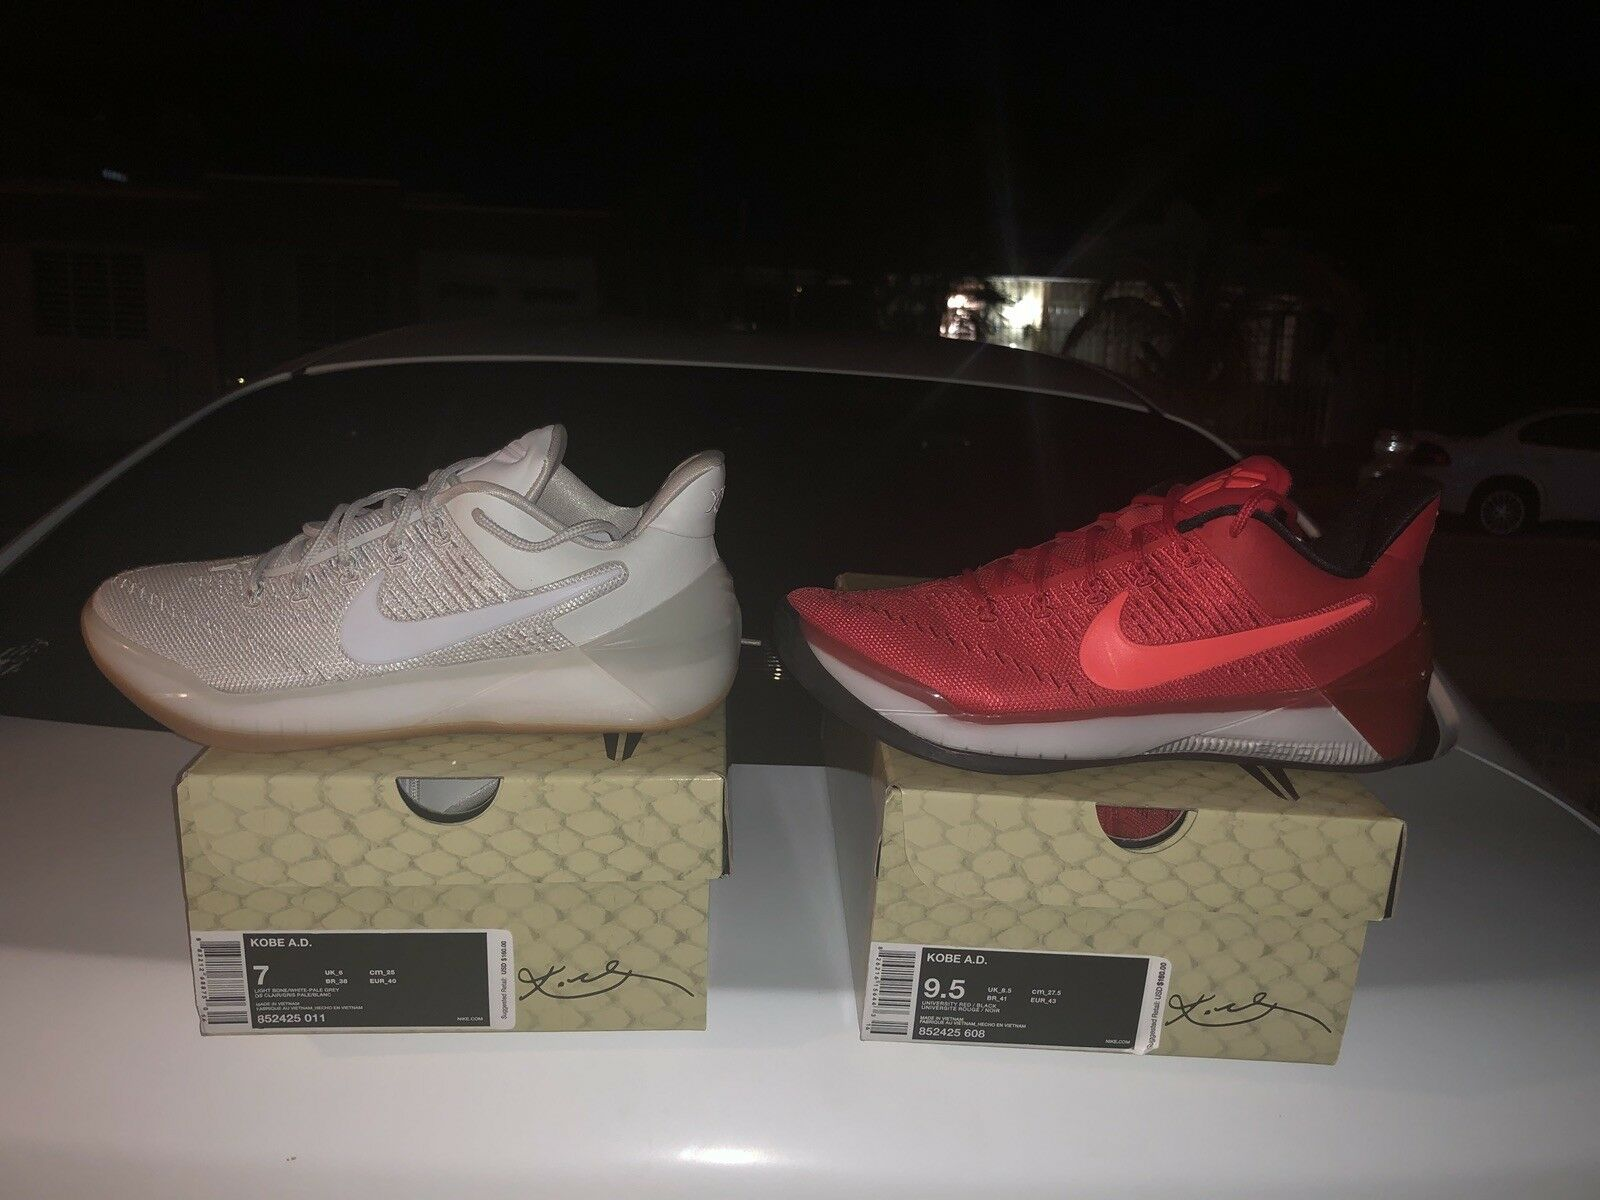 Nike kobe ad 1 und rote und 1 weiße 6da7f8